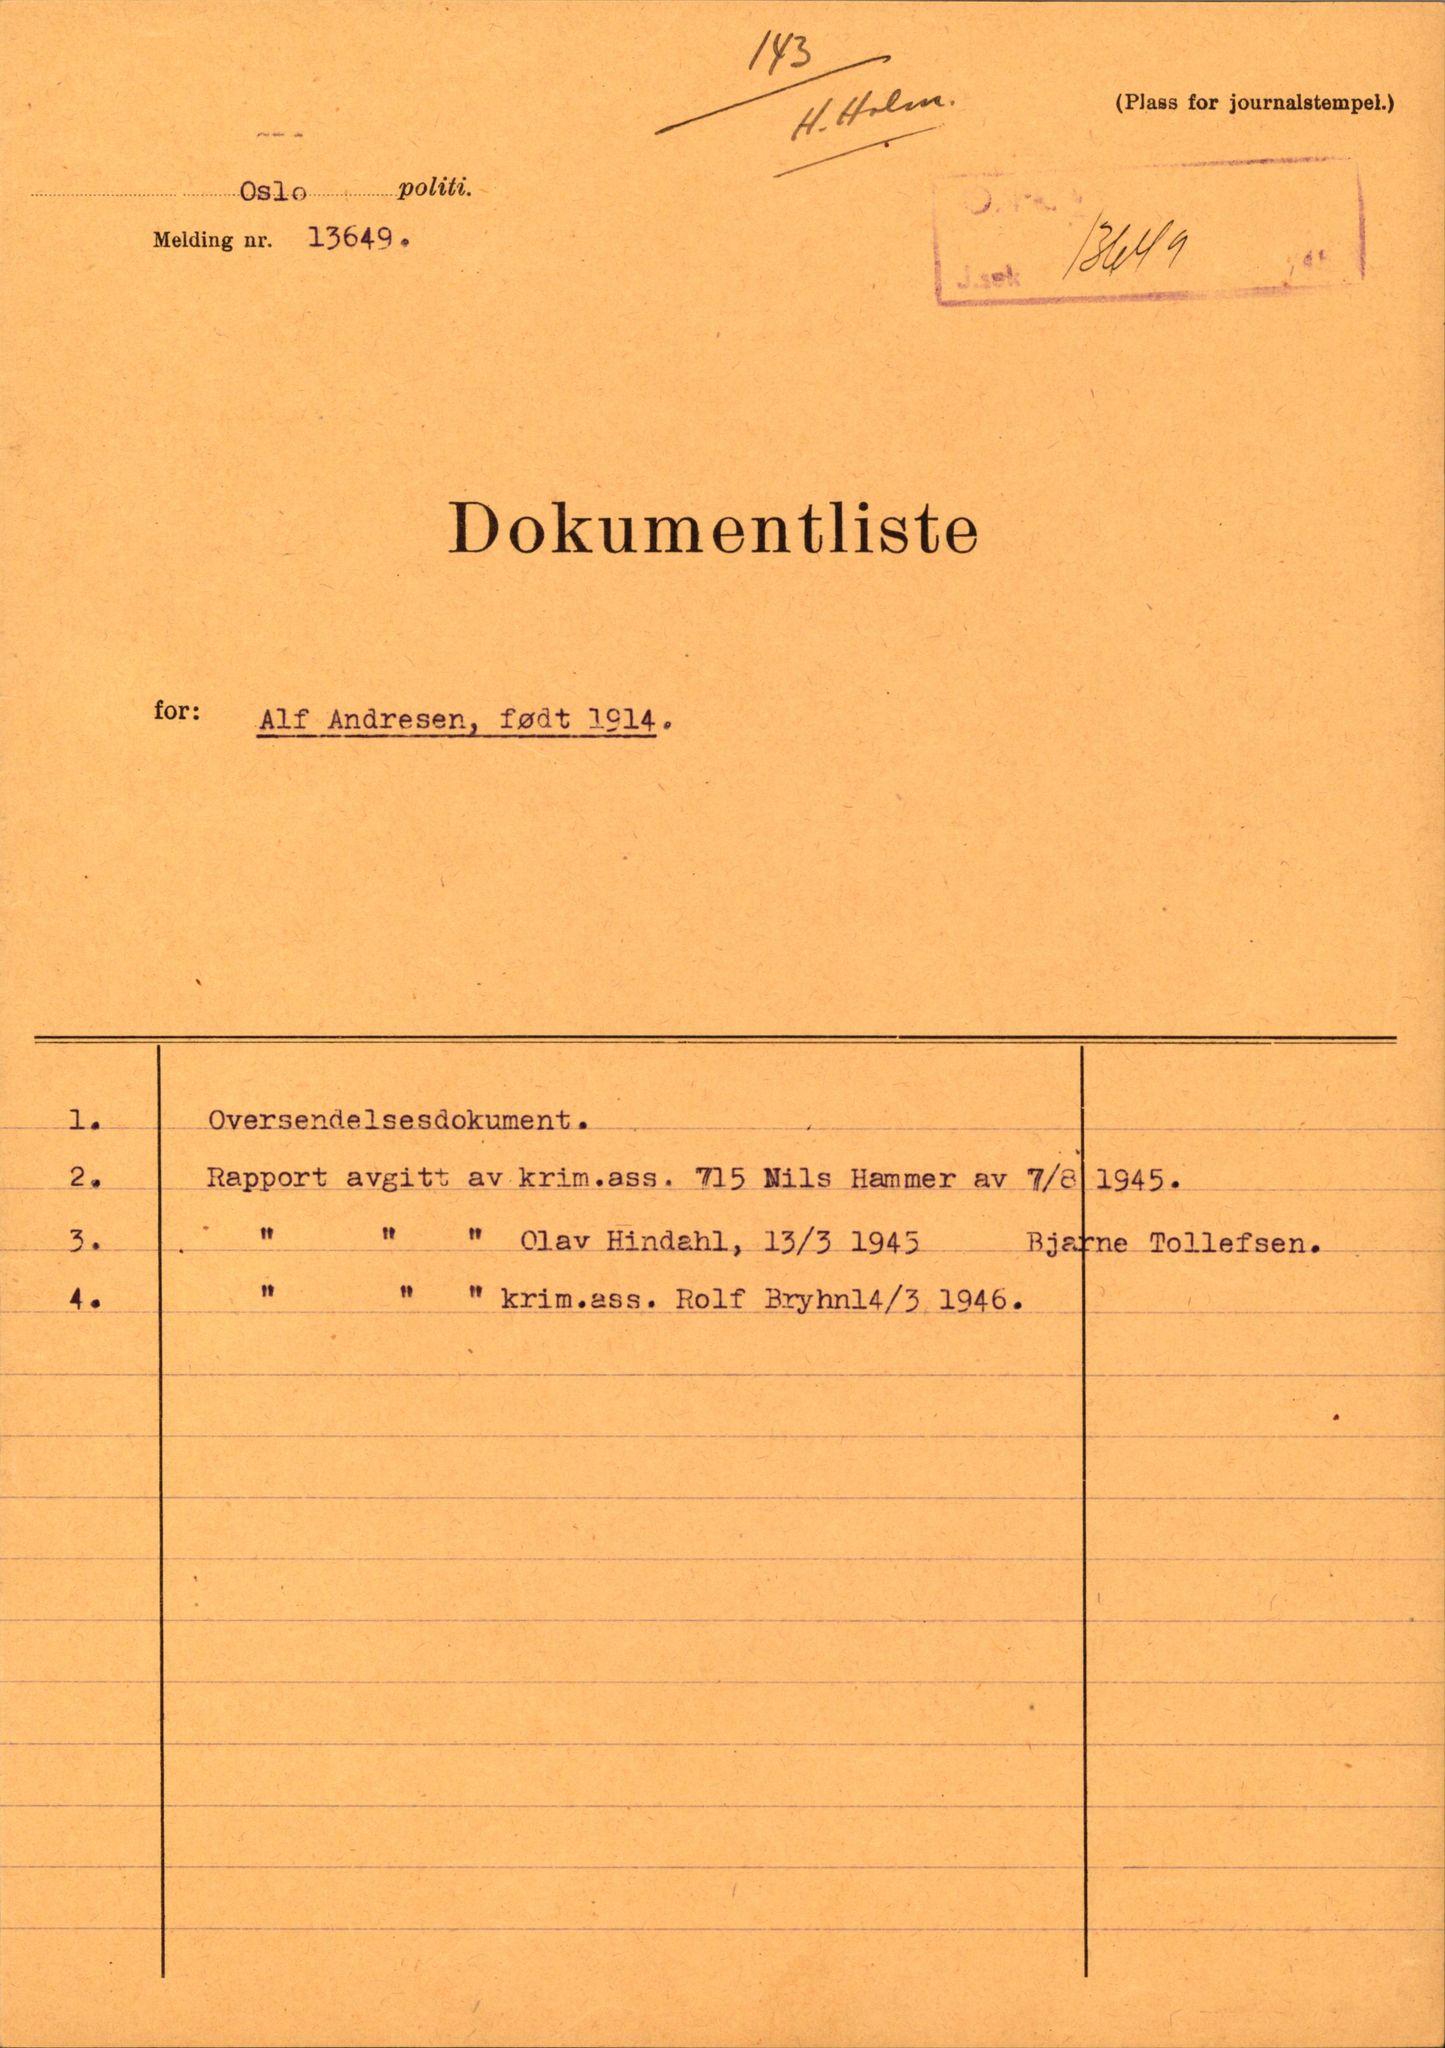 RA, Landssvikarkivet, Oslo politikammer, D/Dh/L0009: Henlagt døde, 1945-1946, s. 1